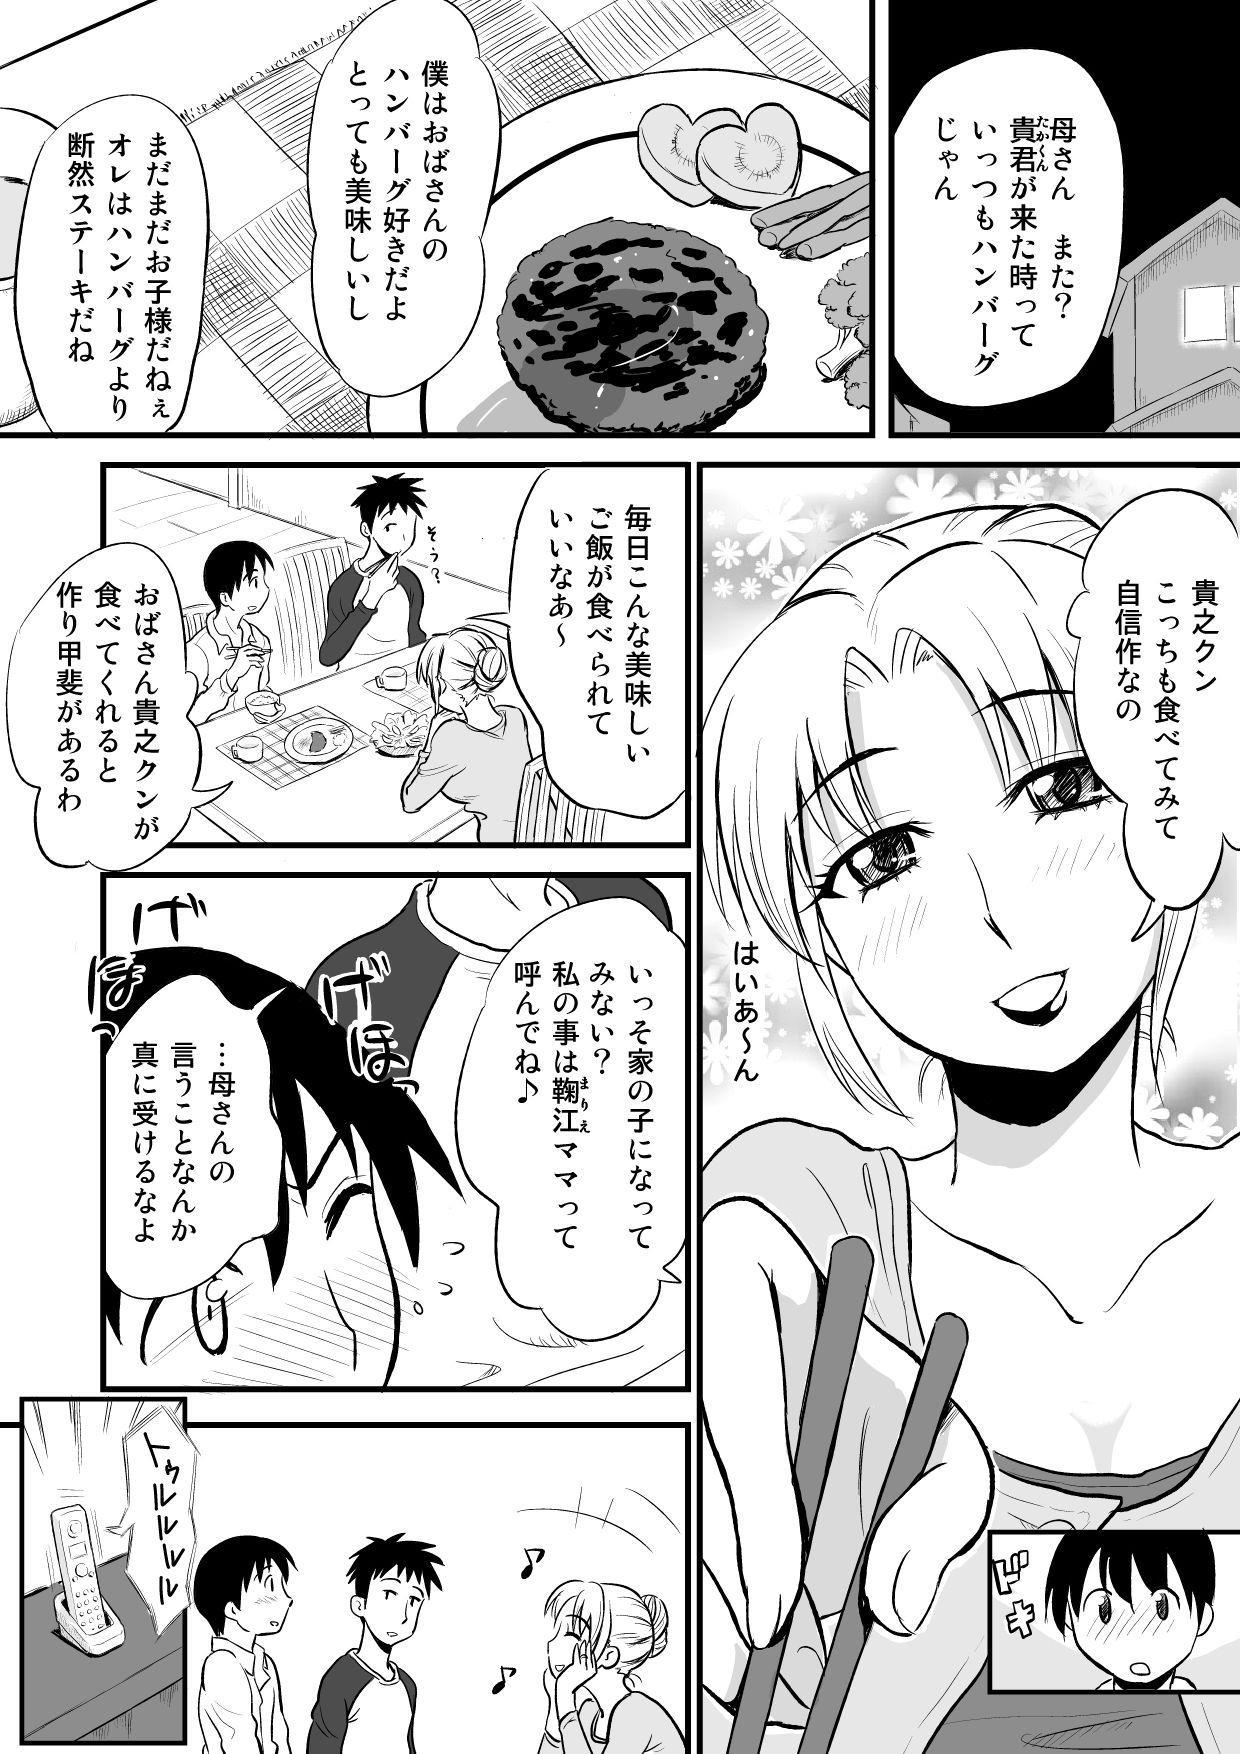 Yuujin no Mama ga Onanie no Otetsudai? 1